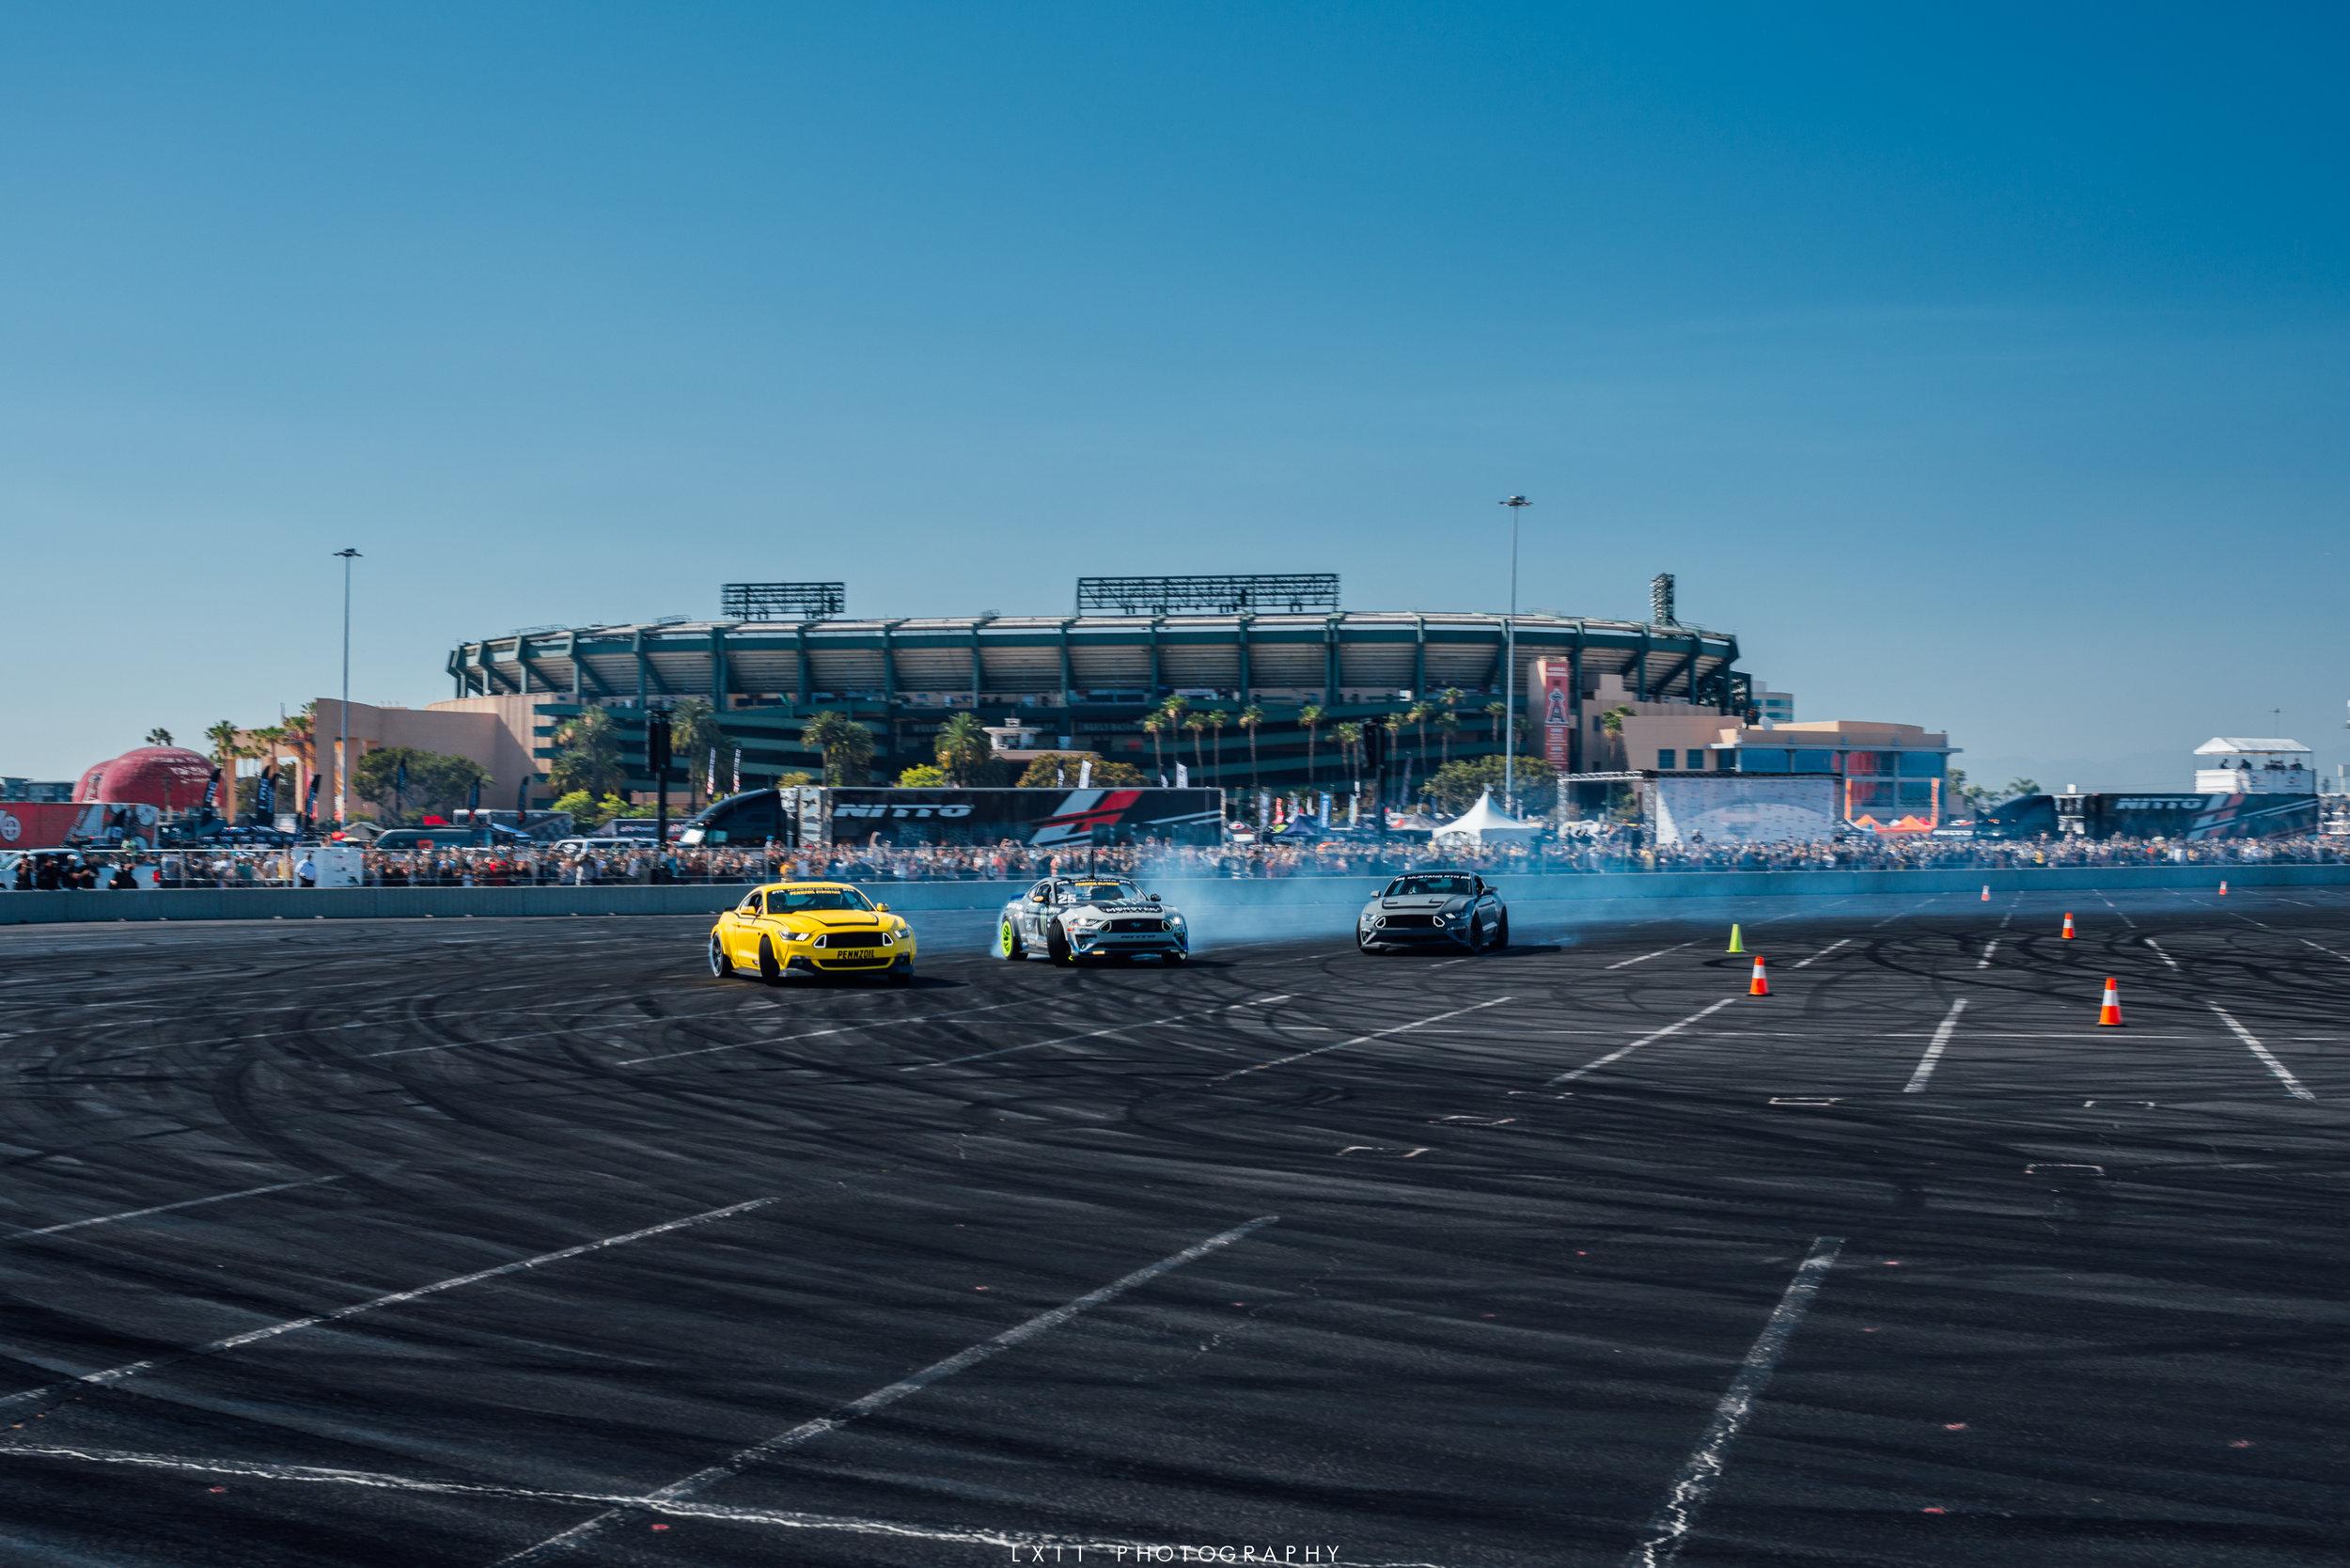 AED_Motorsport-76.jpg